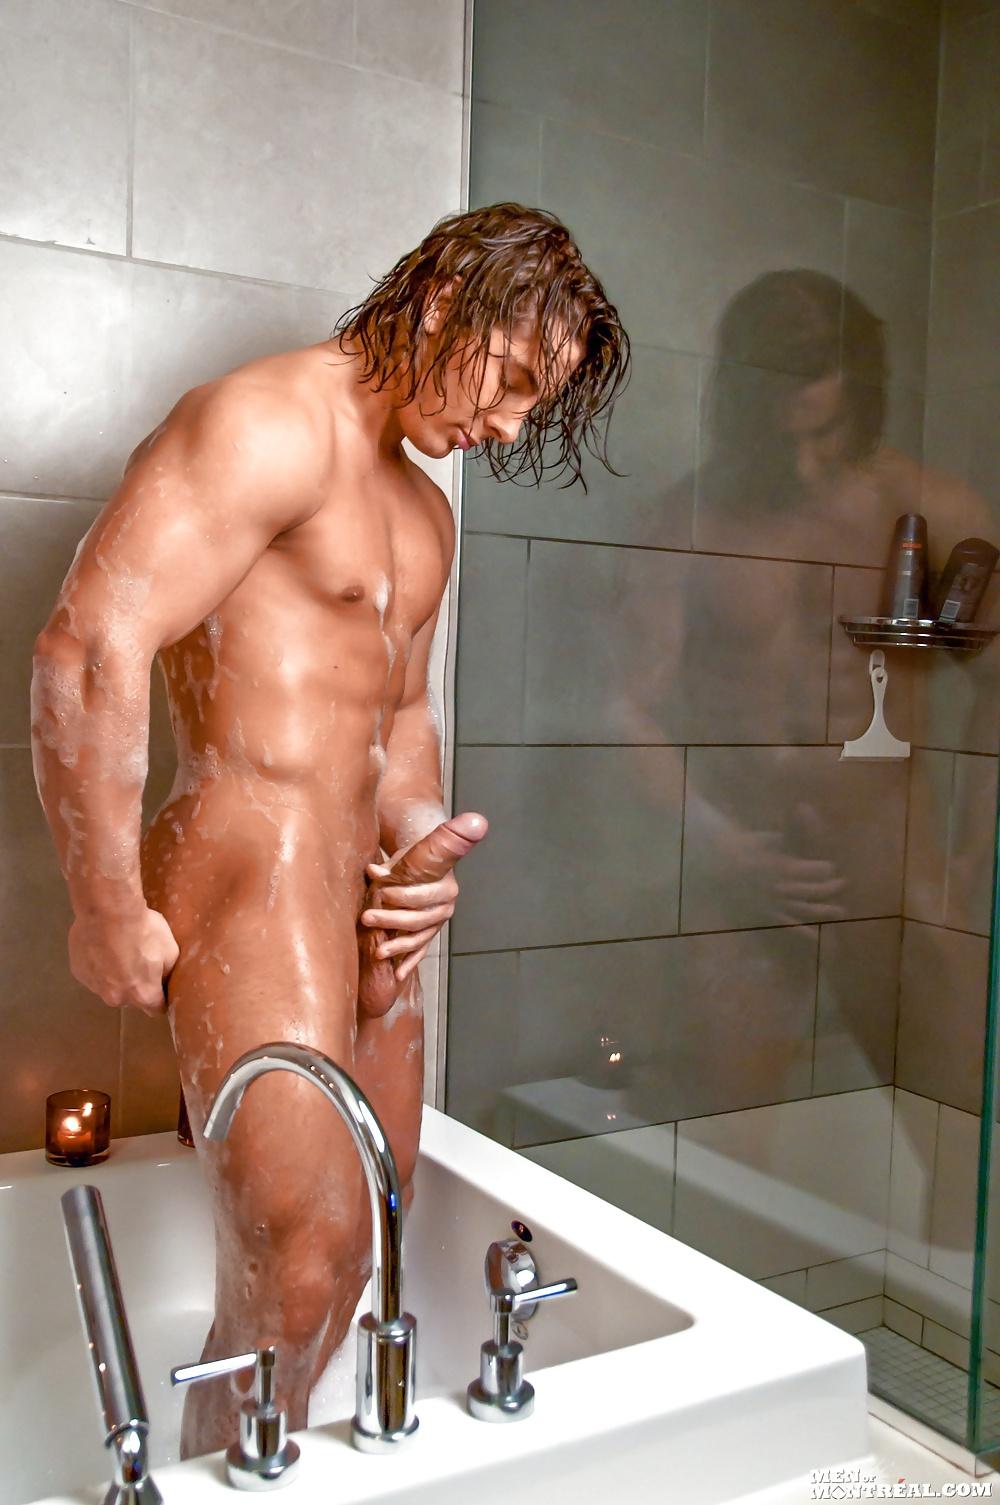 Полненькой девушкой голый мужик моется под душем видео